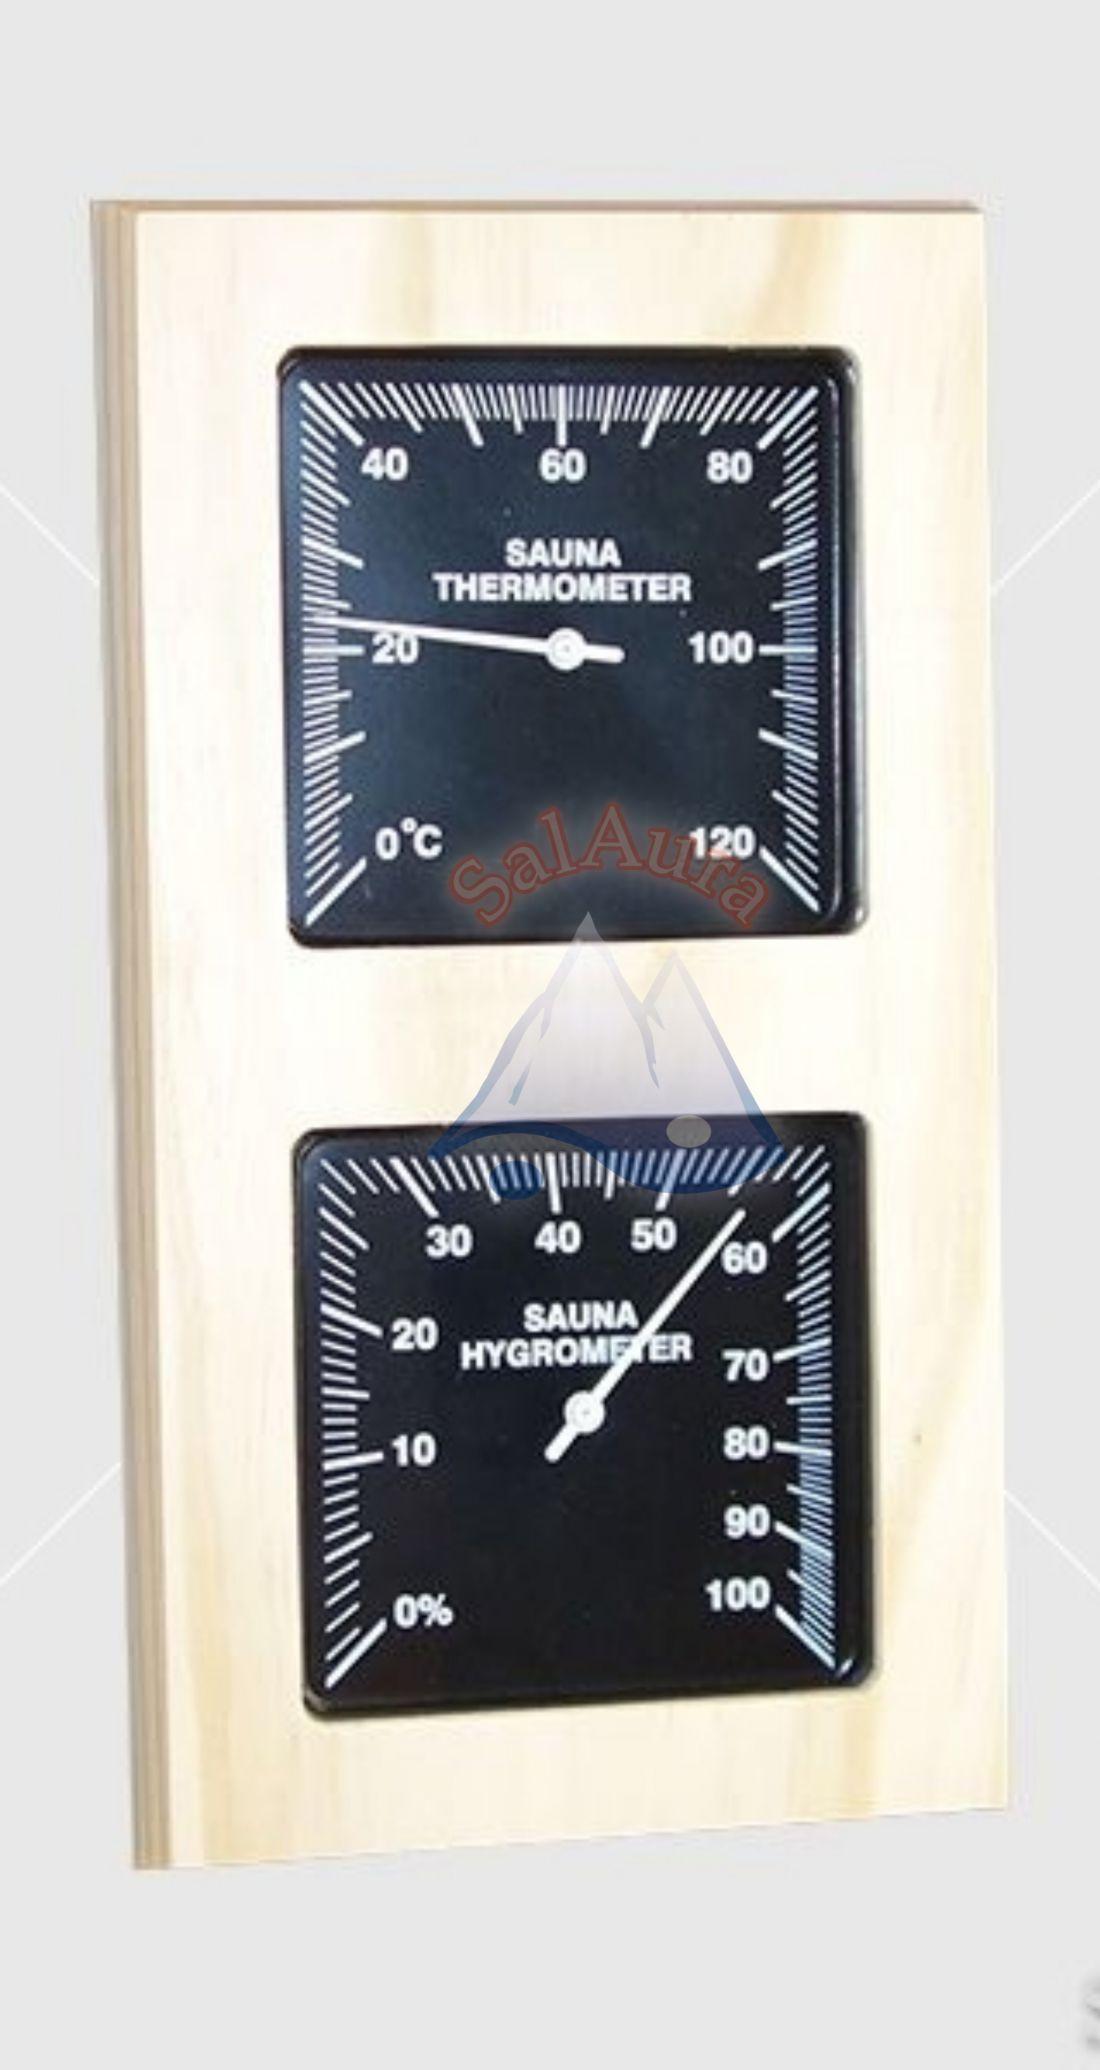 Fenyő hőmérő-páramérő 2.0 álló kivitelben, fekete számlappal